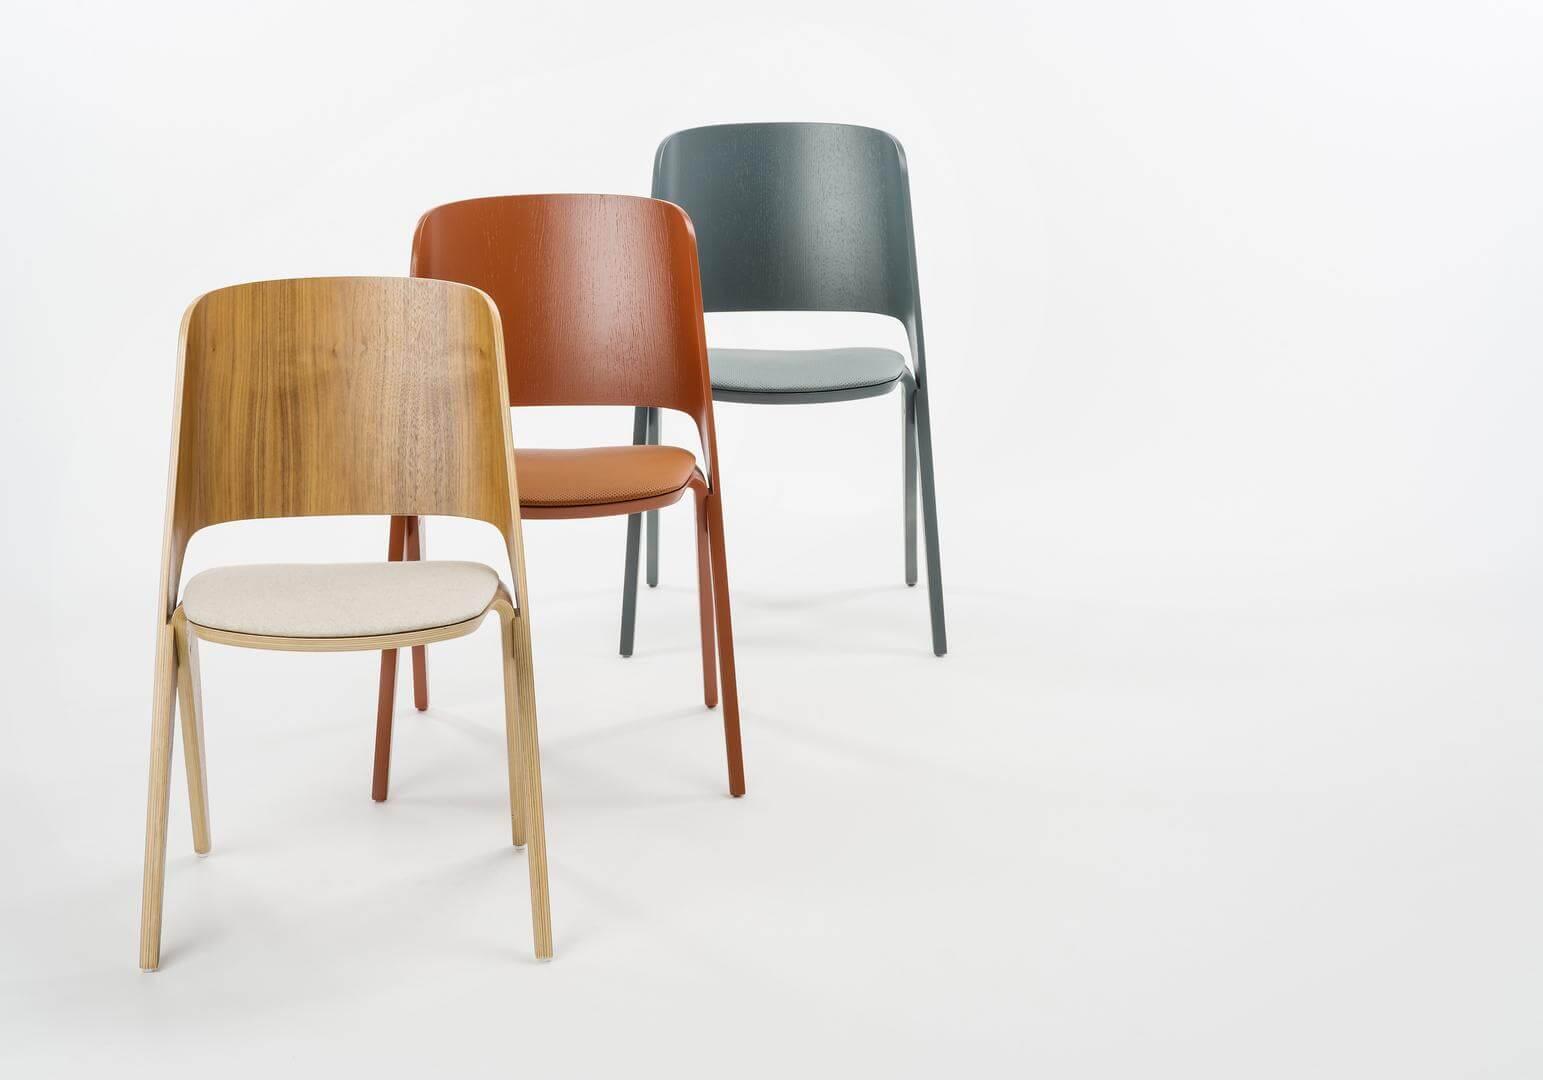 LAVITTA valgomojo kėdė